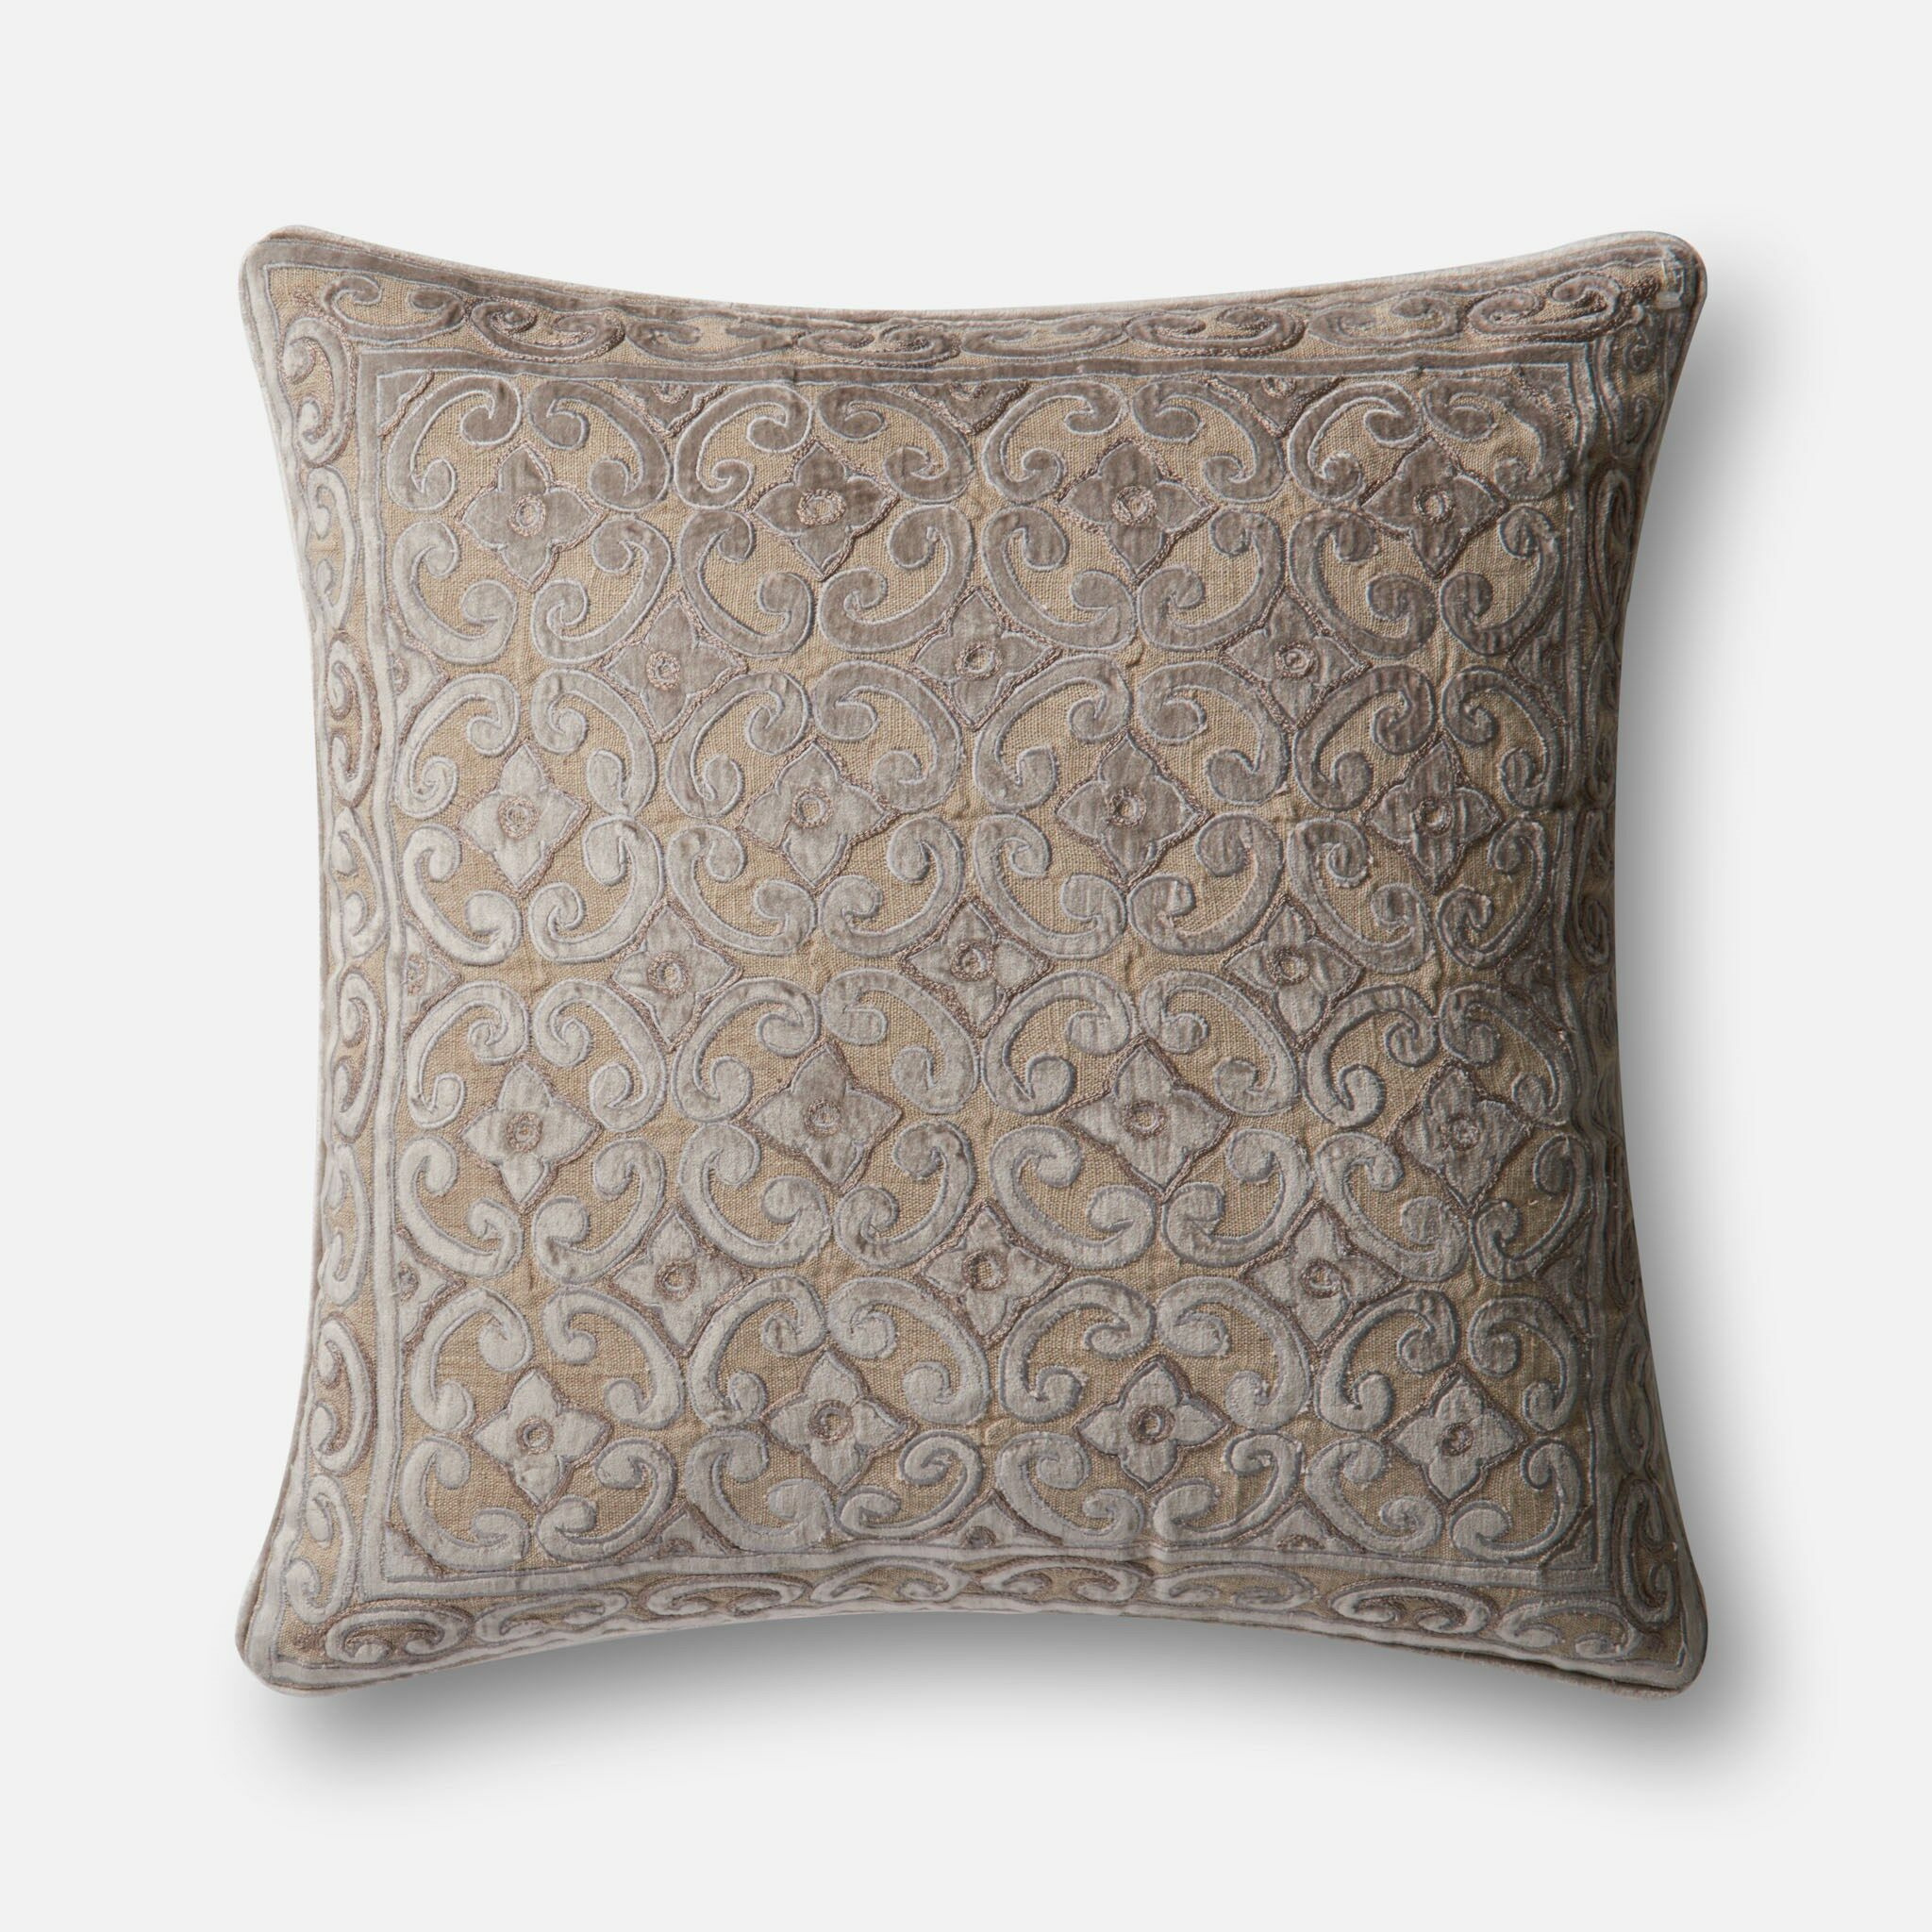 Maximus Linen/Cotton Pillow Cover Color: Tan